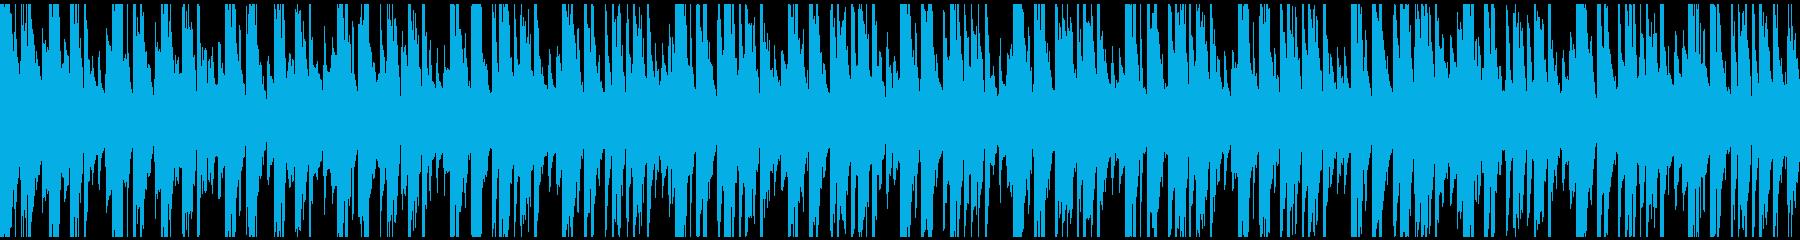 明るくポジティブなコーポレート/エ...の再生済みの波形